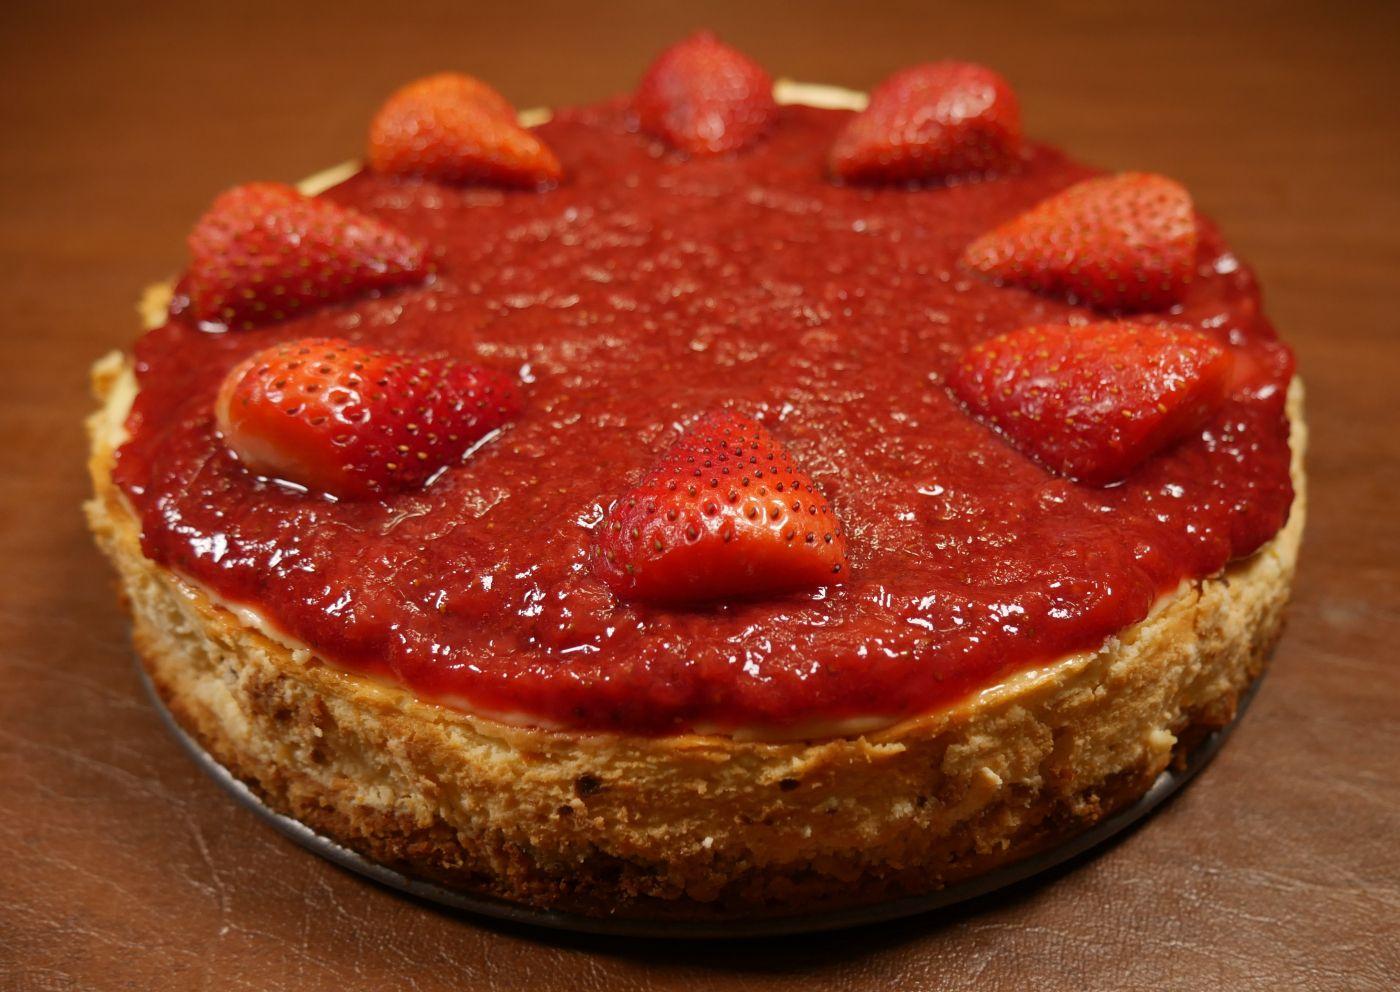 Keto Diet Cheesecake Recipe: New York Strawberry Cheesecake